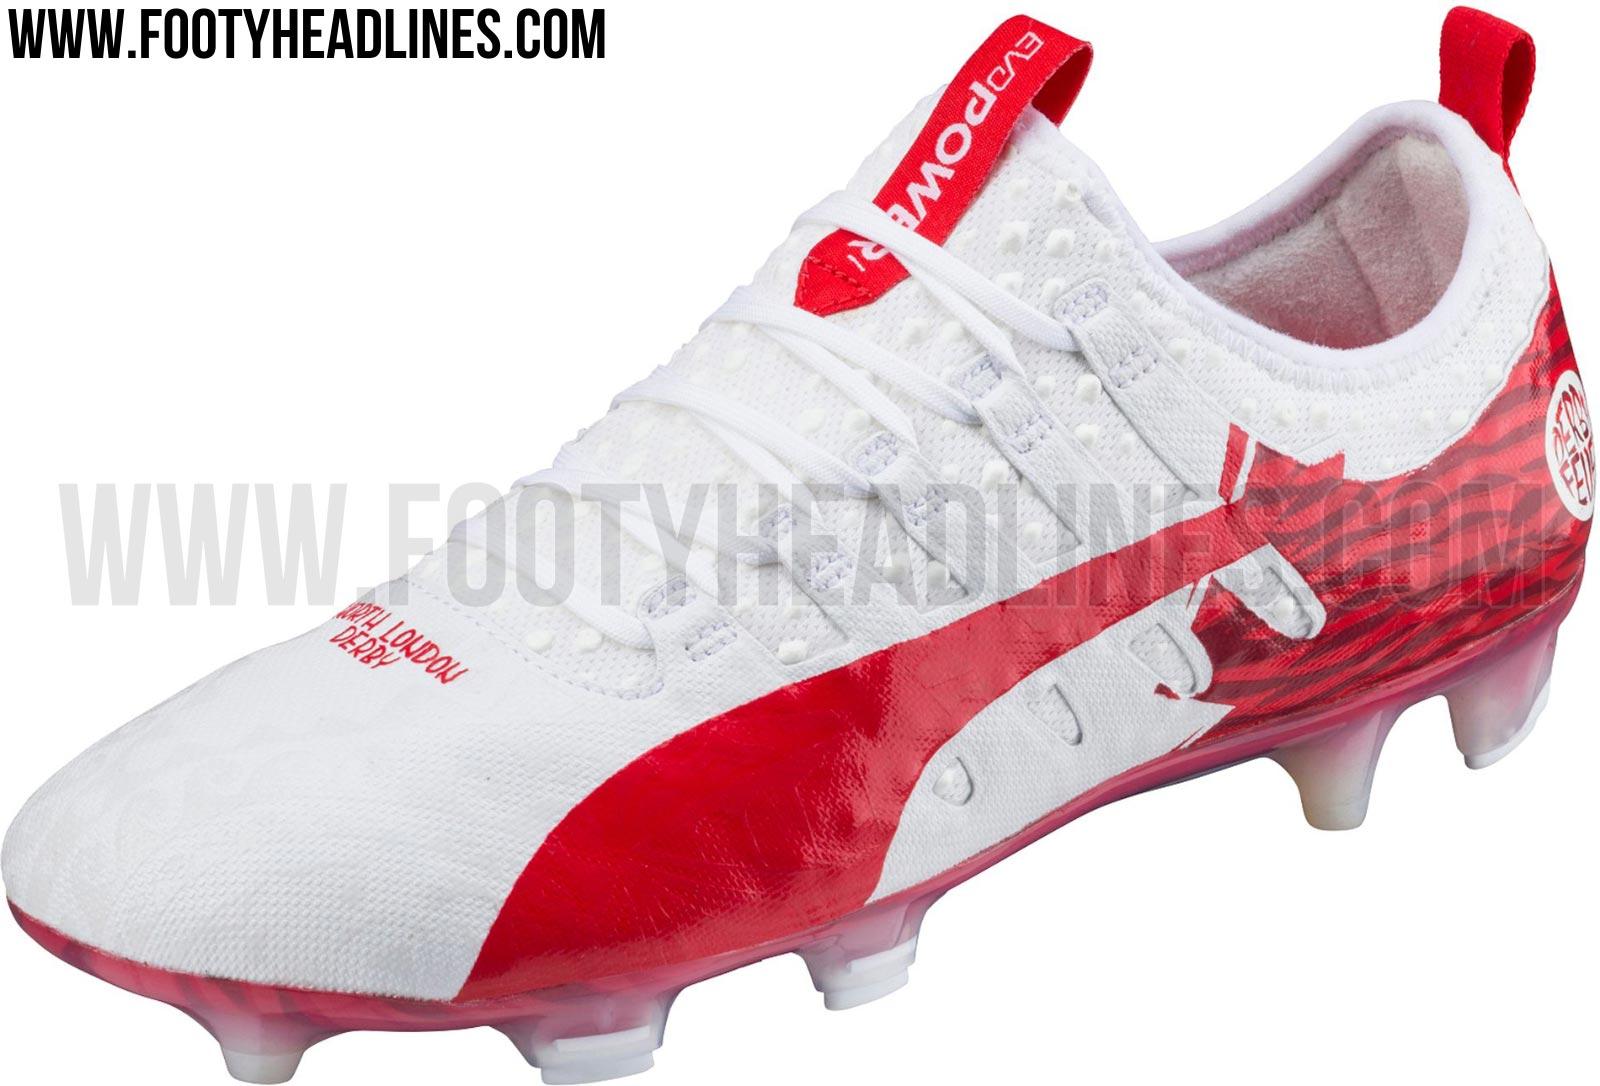 giroud puma boots